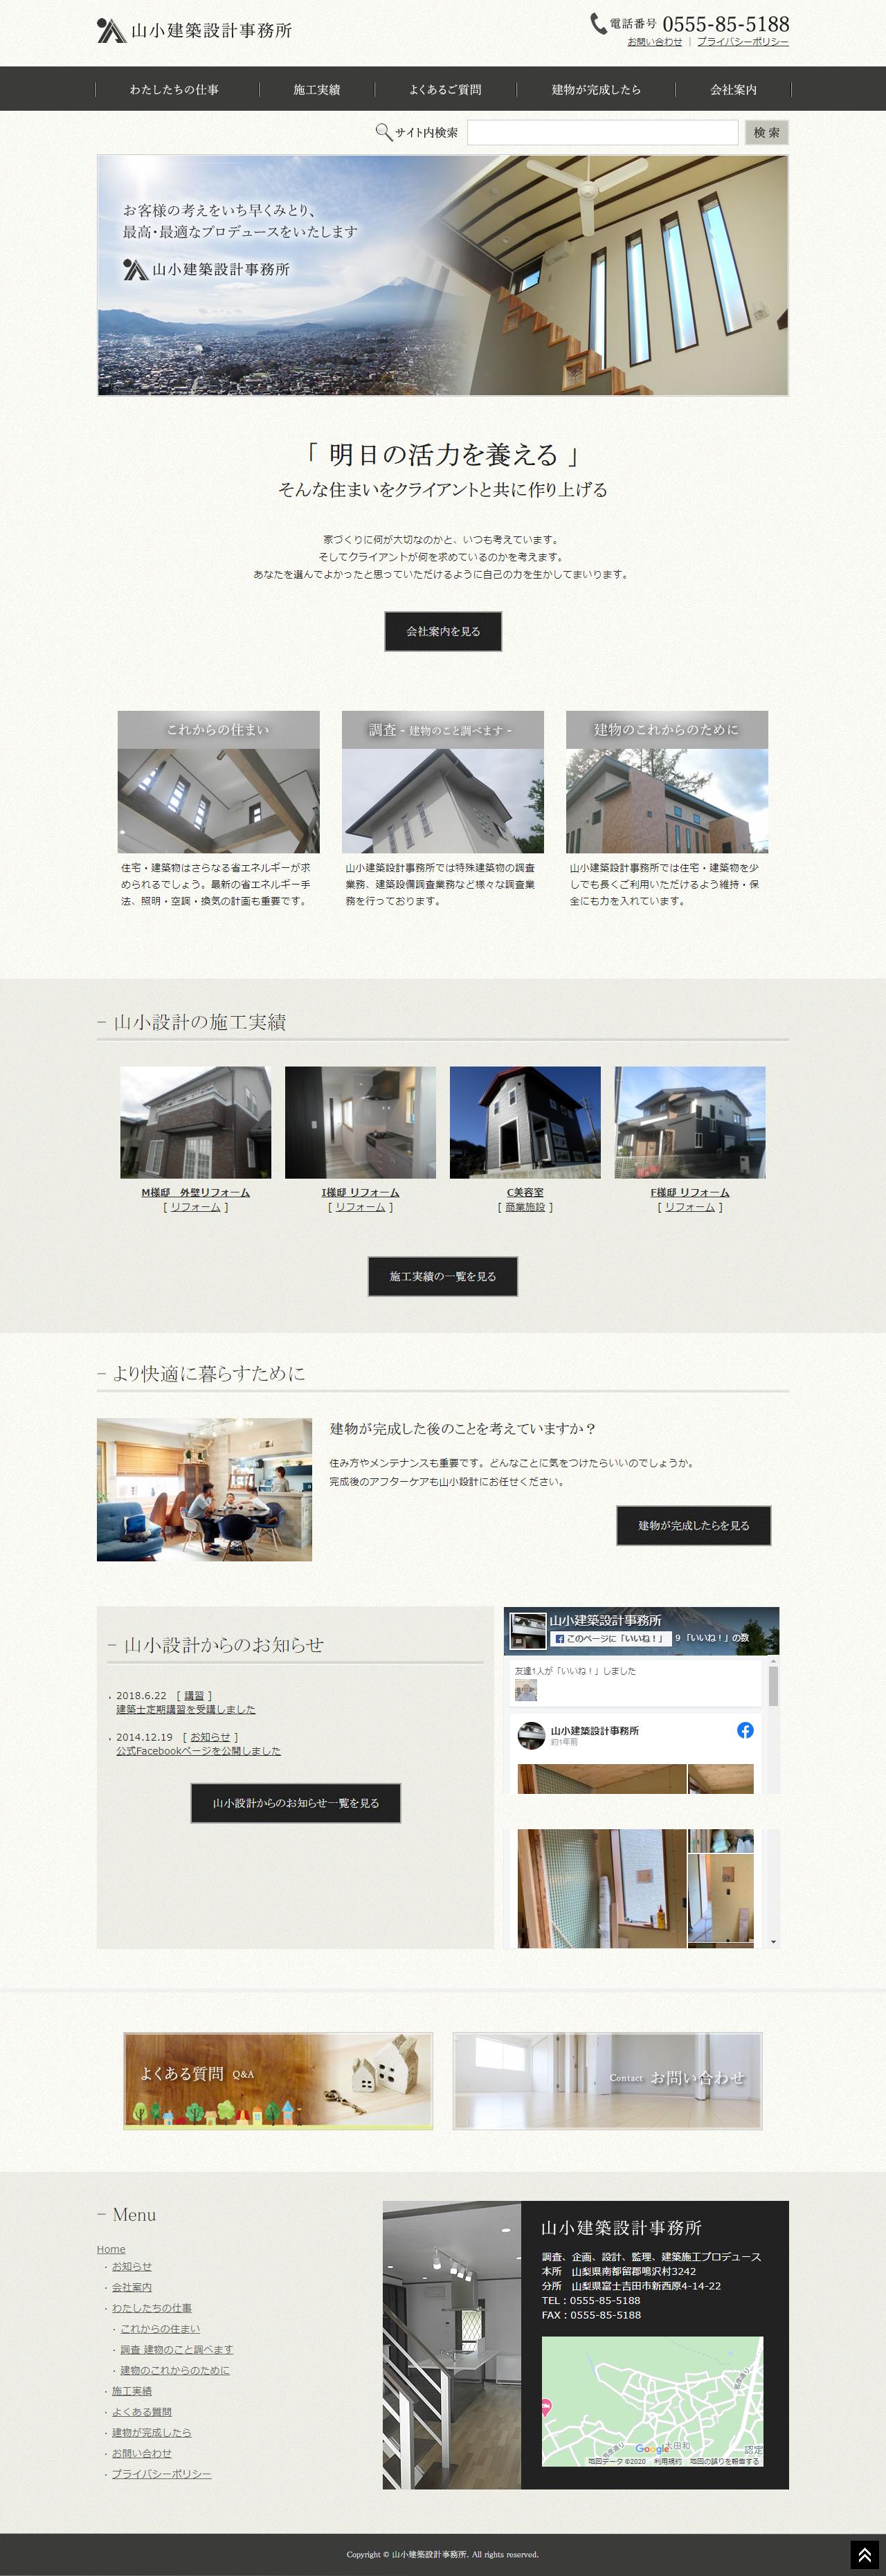 山小建築設計事務所